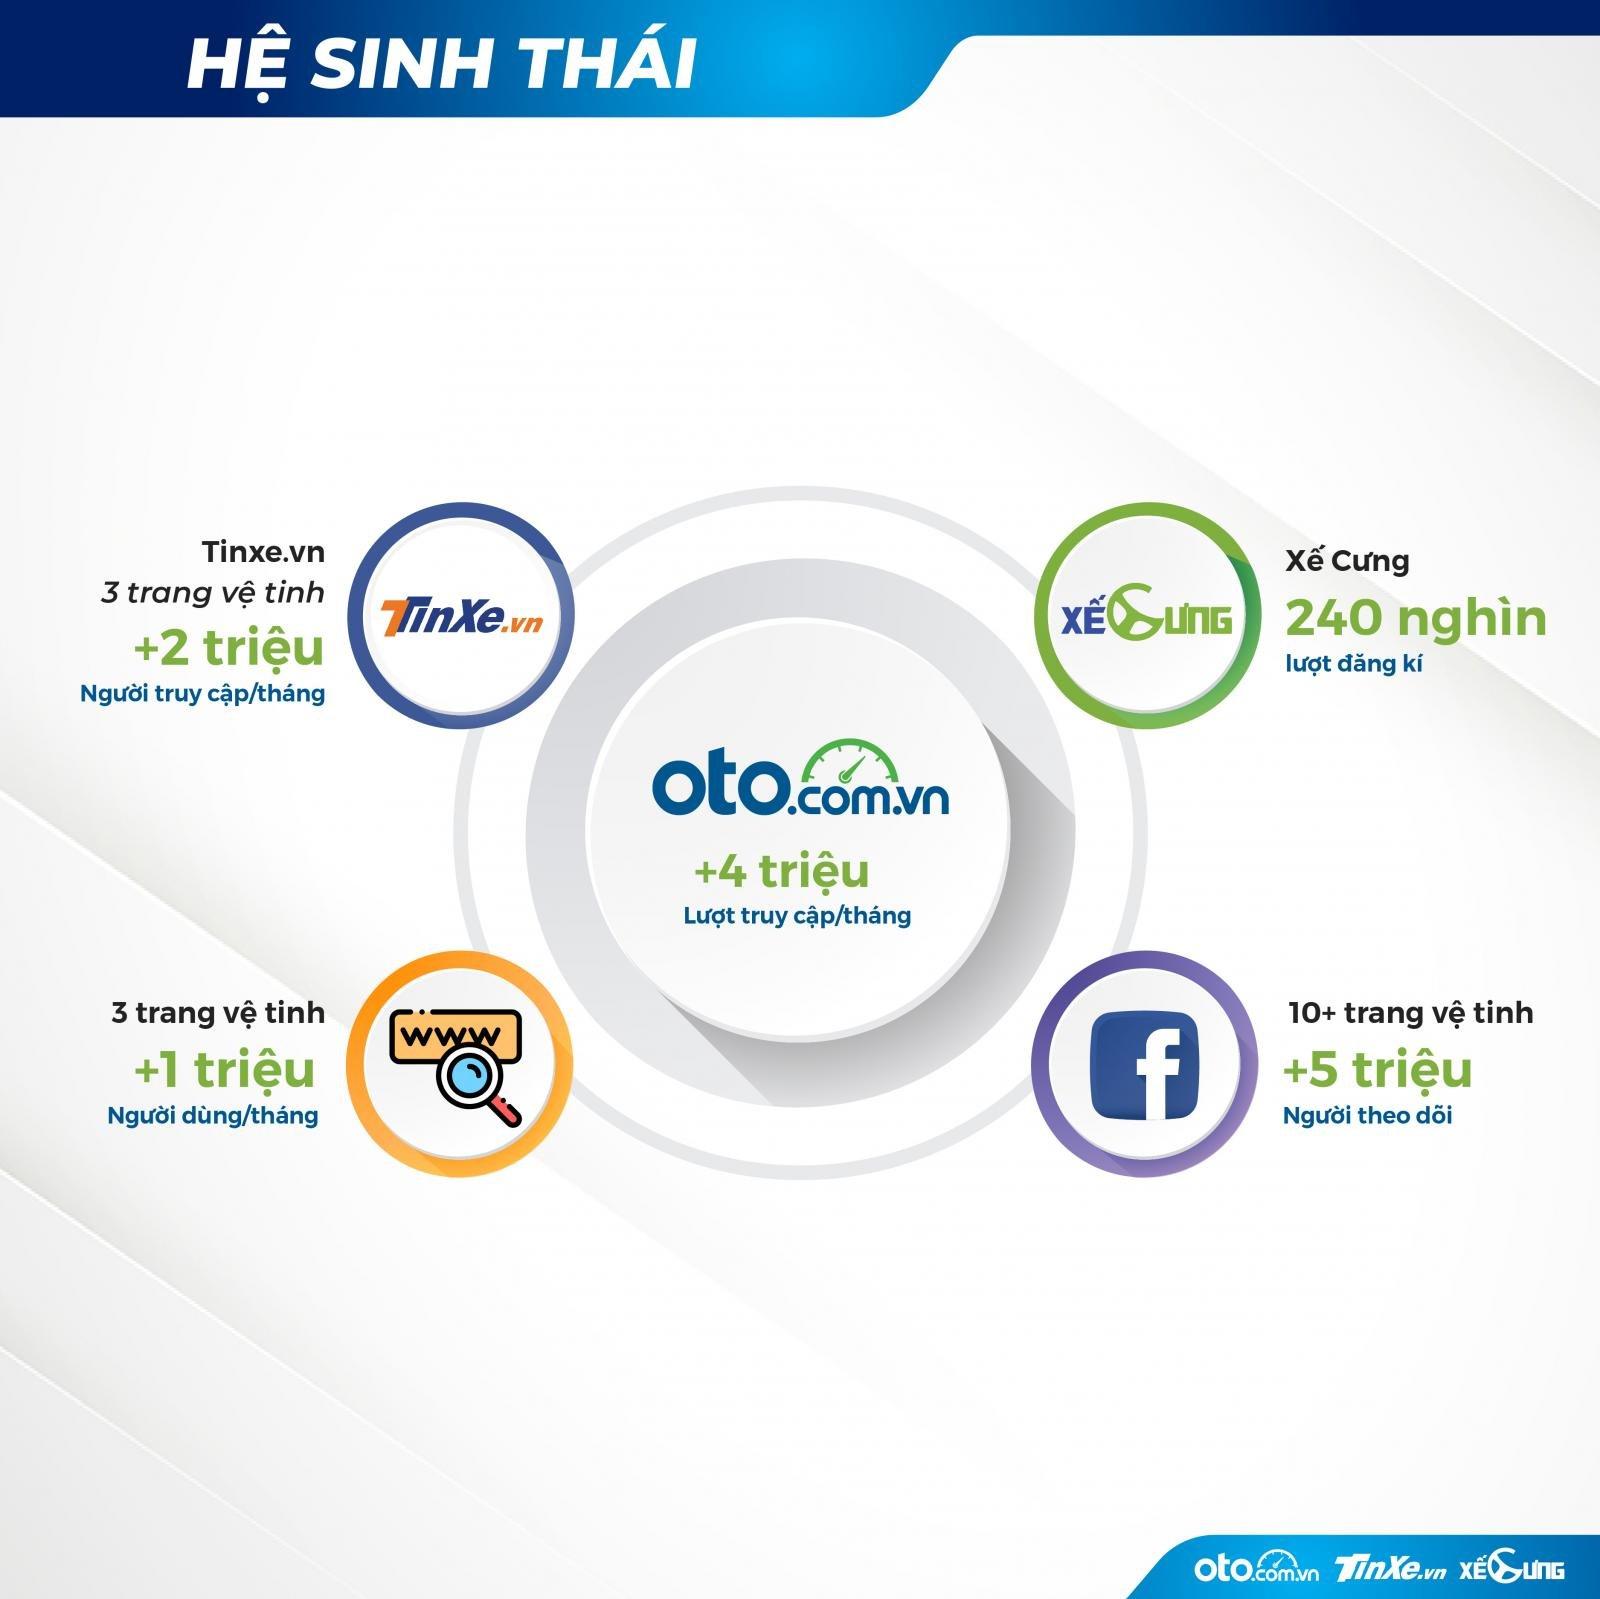 Hệ sinh thái Oto.com.vn sẽ làm nóng thị trường ô tô Việt trong thời gian tới 1